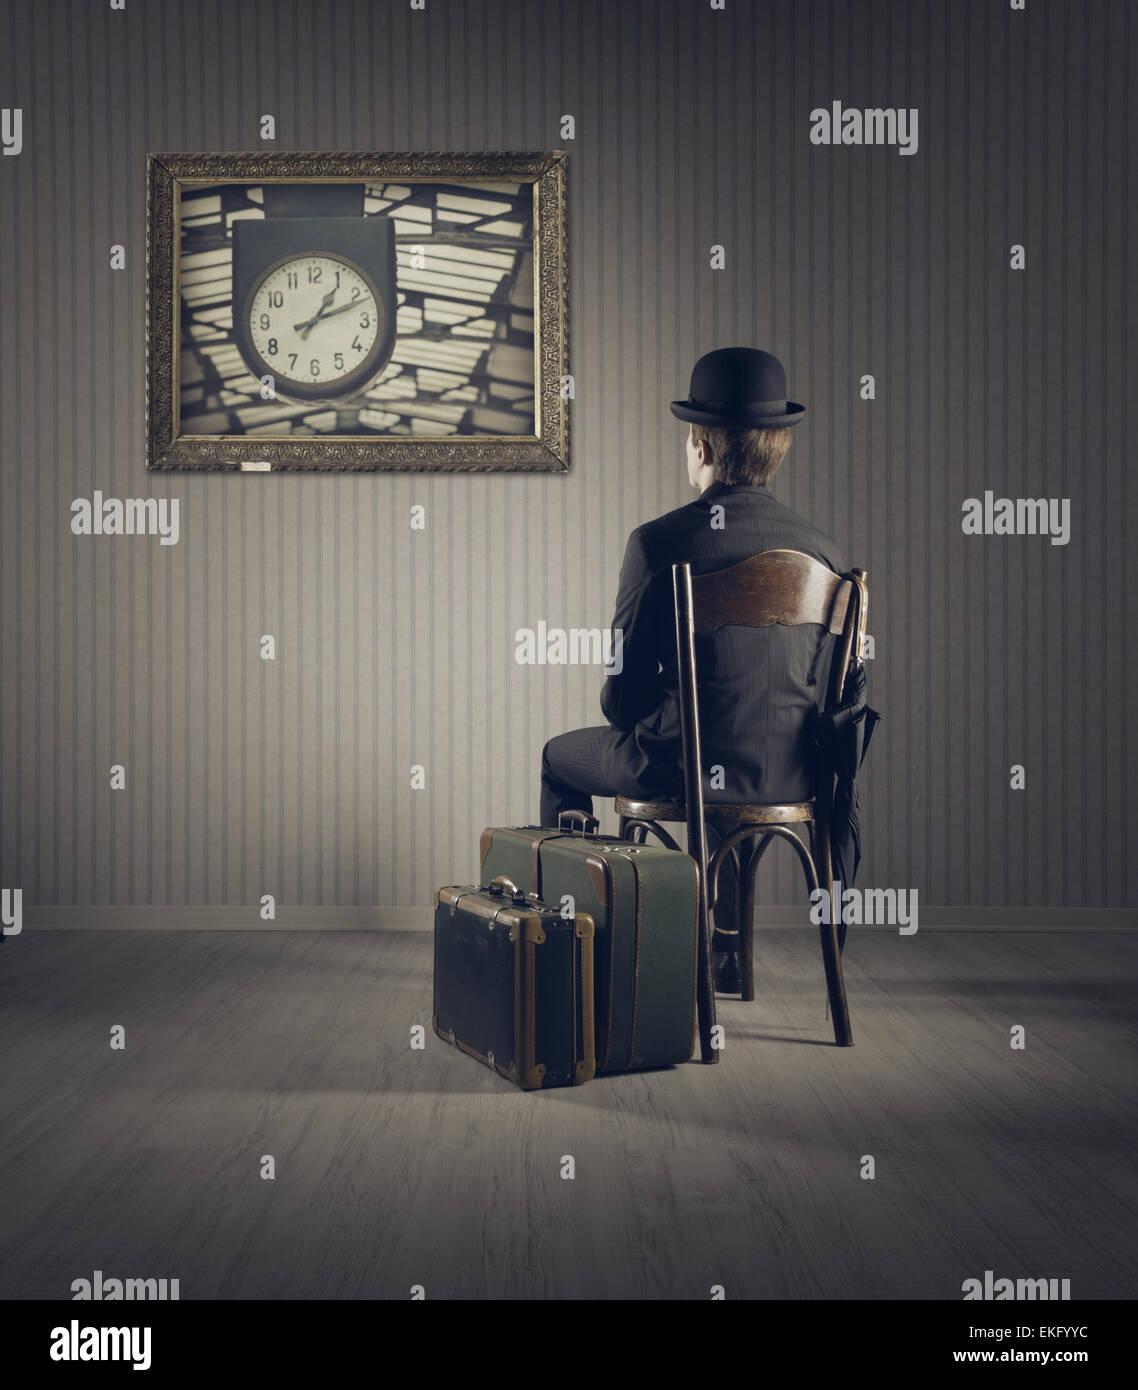 Viajes de negocios Imagen De Stock